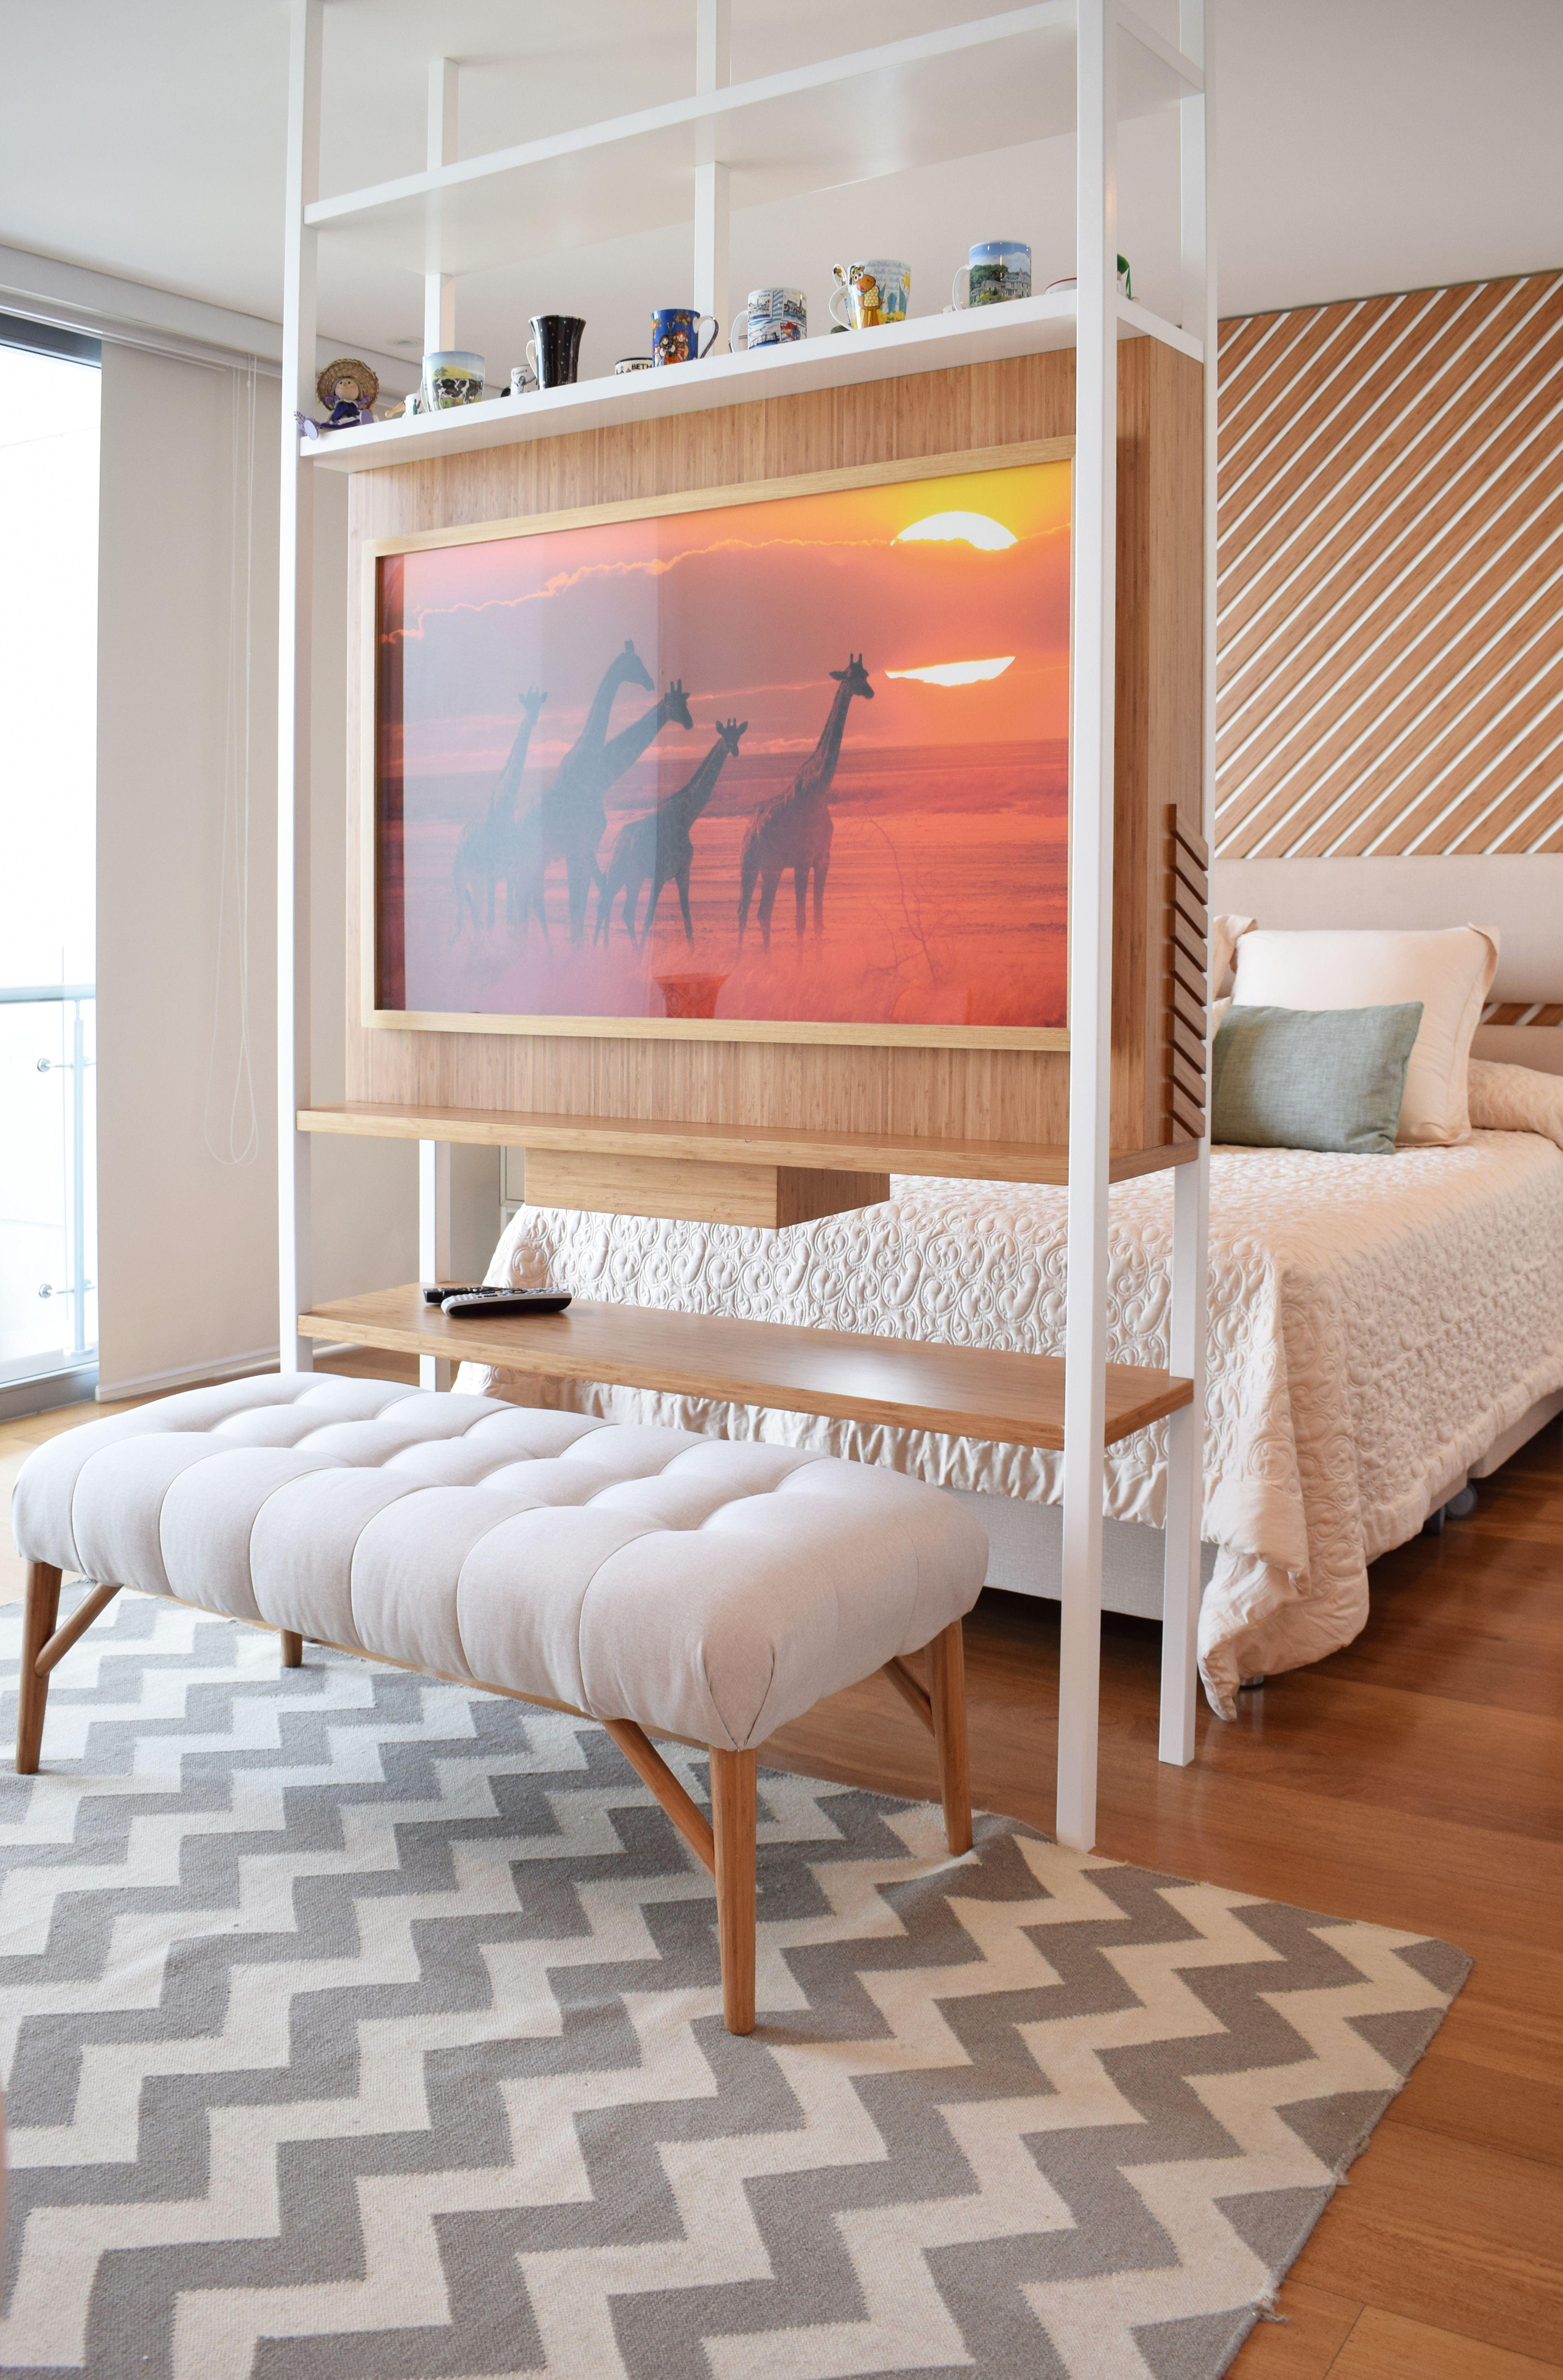 Proyecto Mueble Funcional Diseño De Mobiliario A Medida: Mueble TV A Los Pies De La Cama, Decorativo Y Funcional En